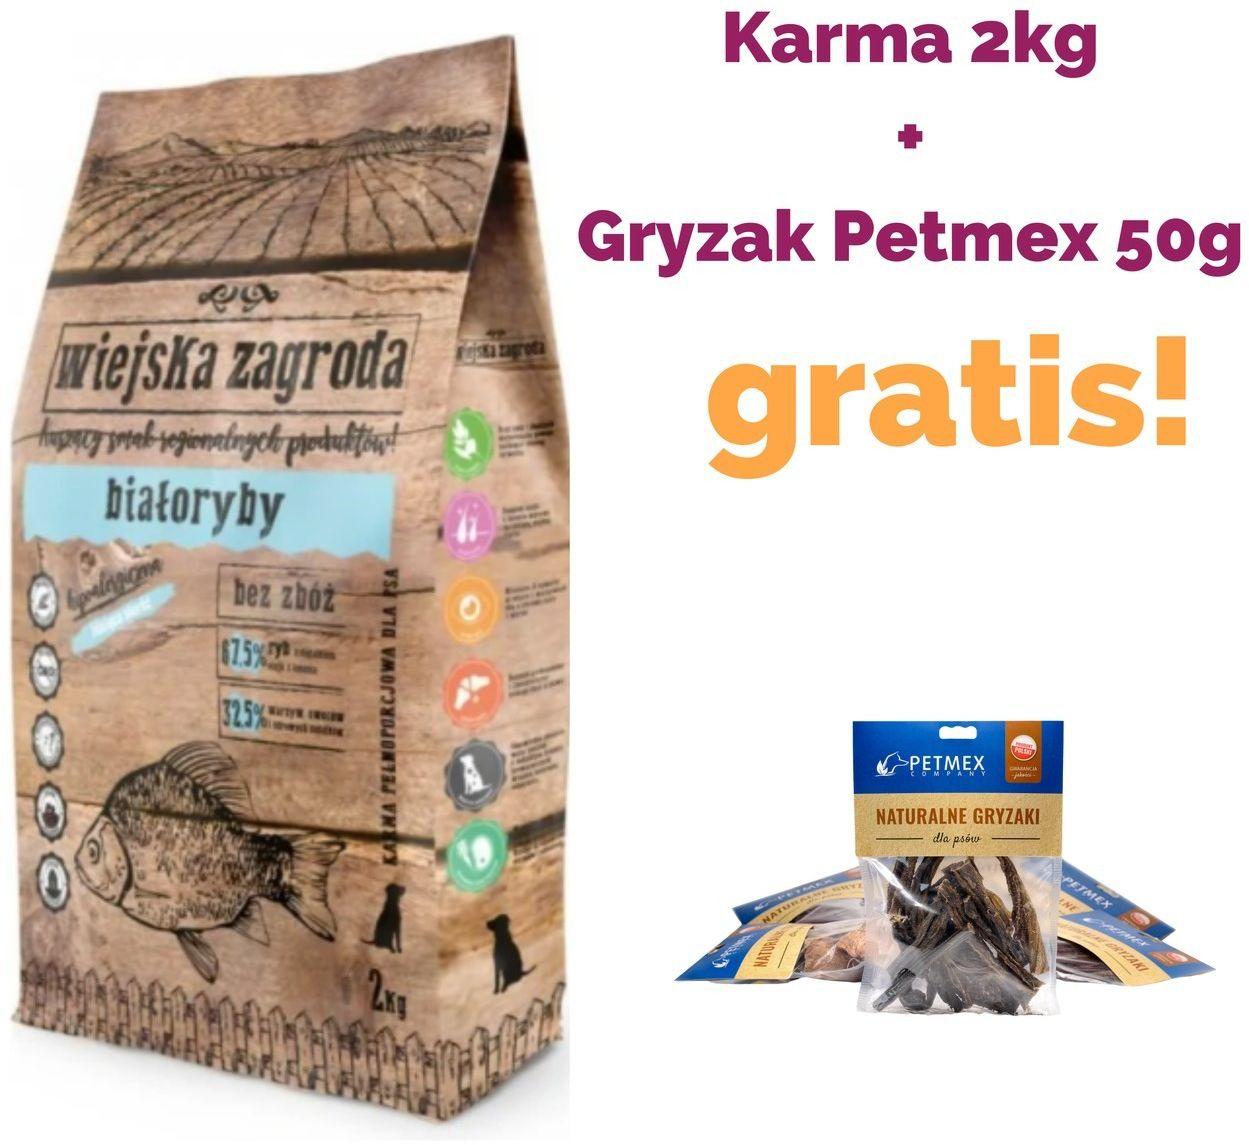 WIEJSKA ZAGRODA  Białoryby karma sucha dla psa 2kg + PETMEX 50G